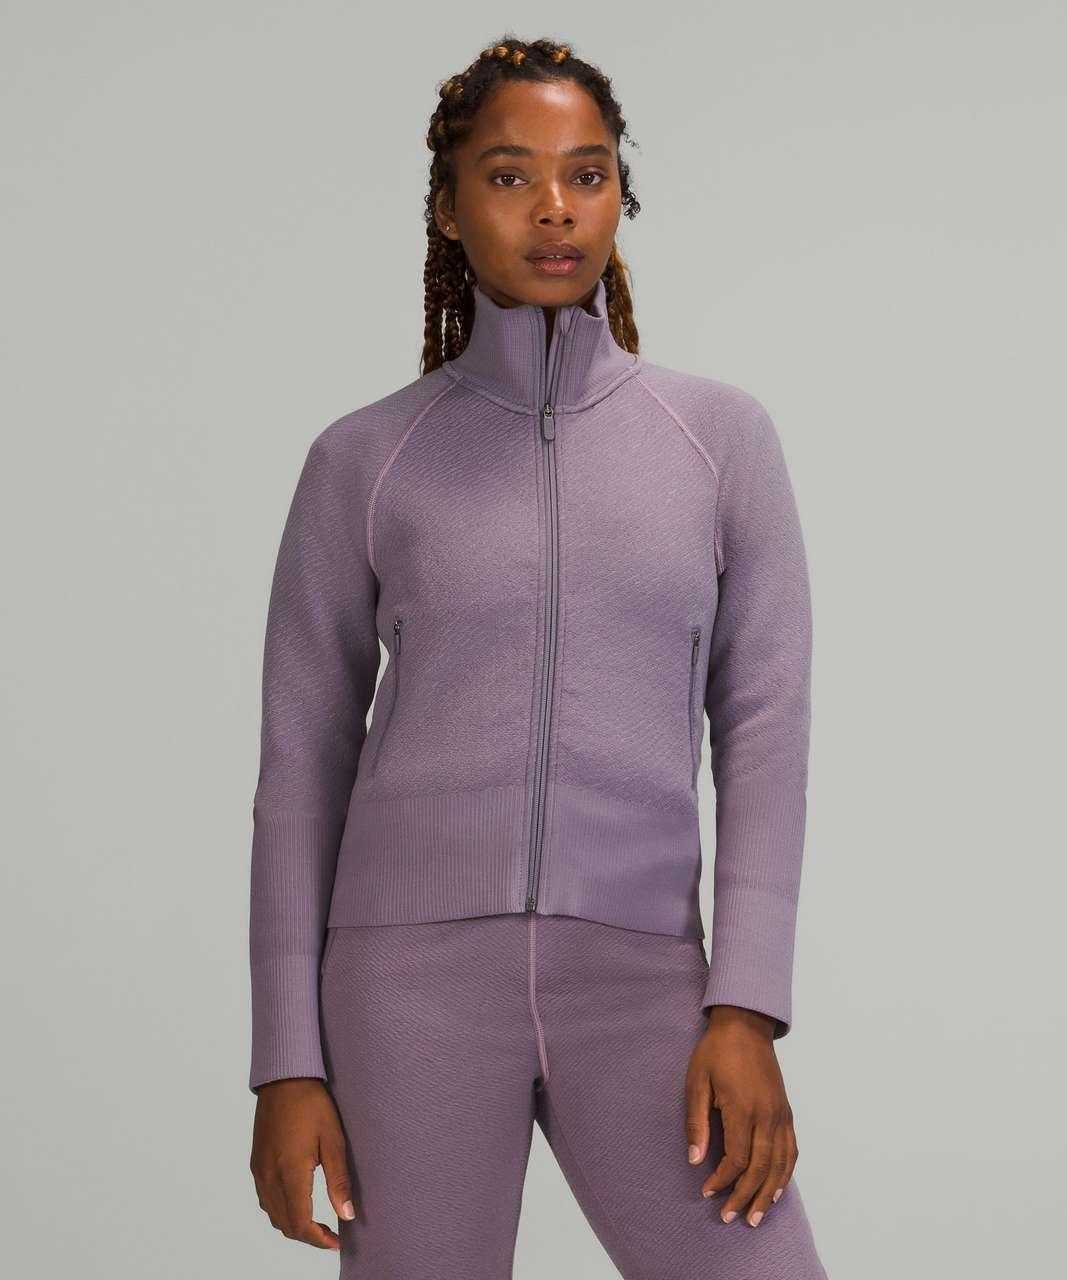 Lululemon End State Full Zip - Dusky Lavender